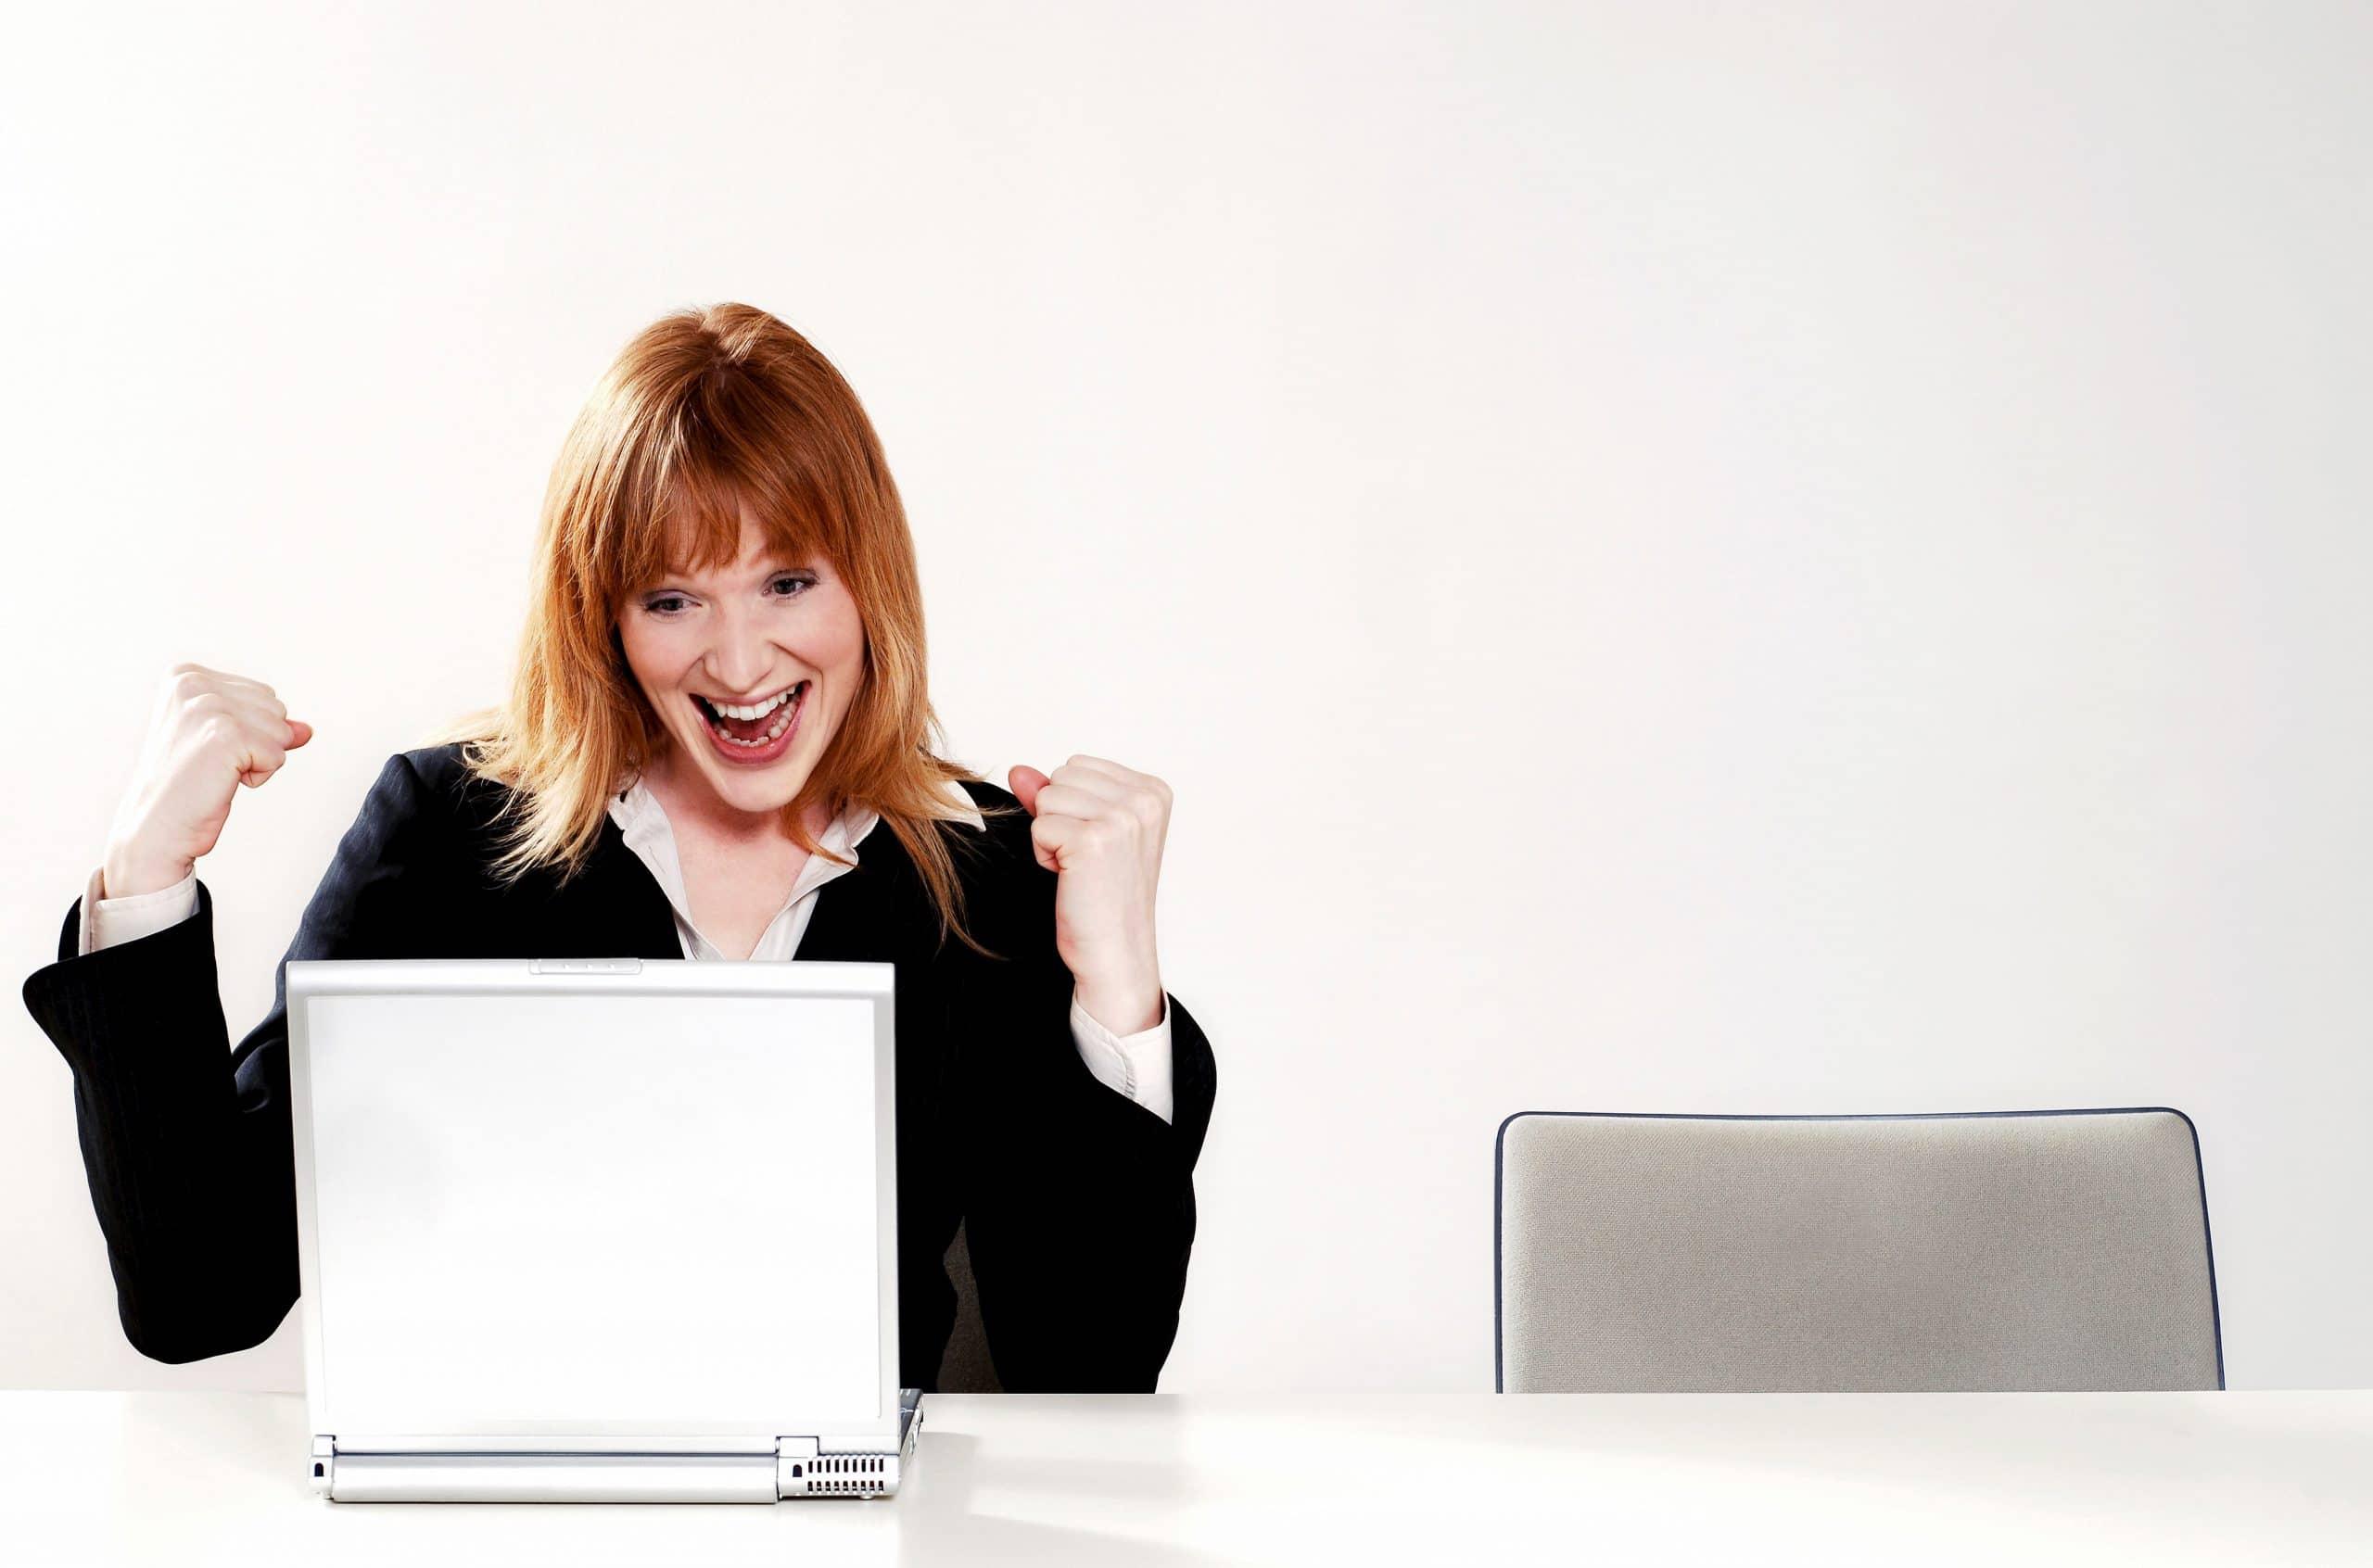 Aprenda como conseguir emprego rápido 2